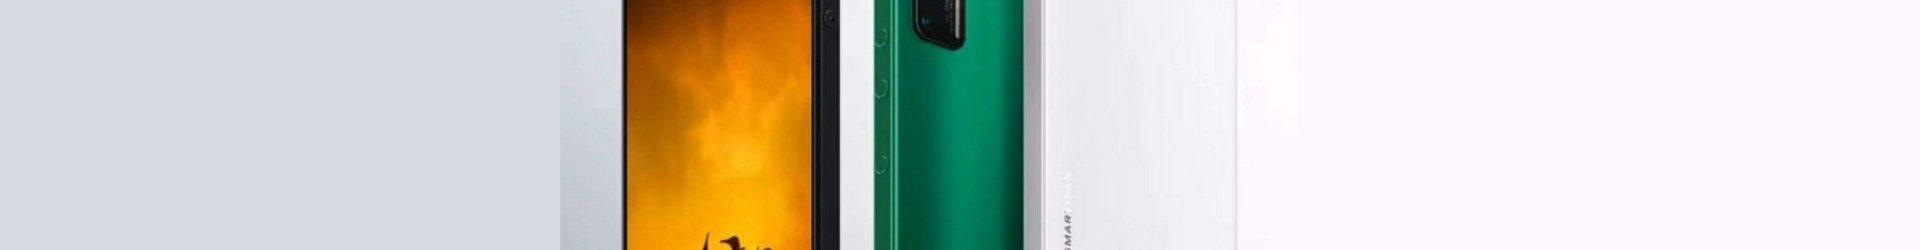 Smartisan Jianguo Pro 3 ufficiale: anche TikTok ha il suo smartphone